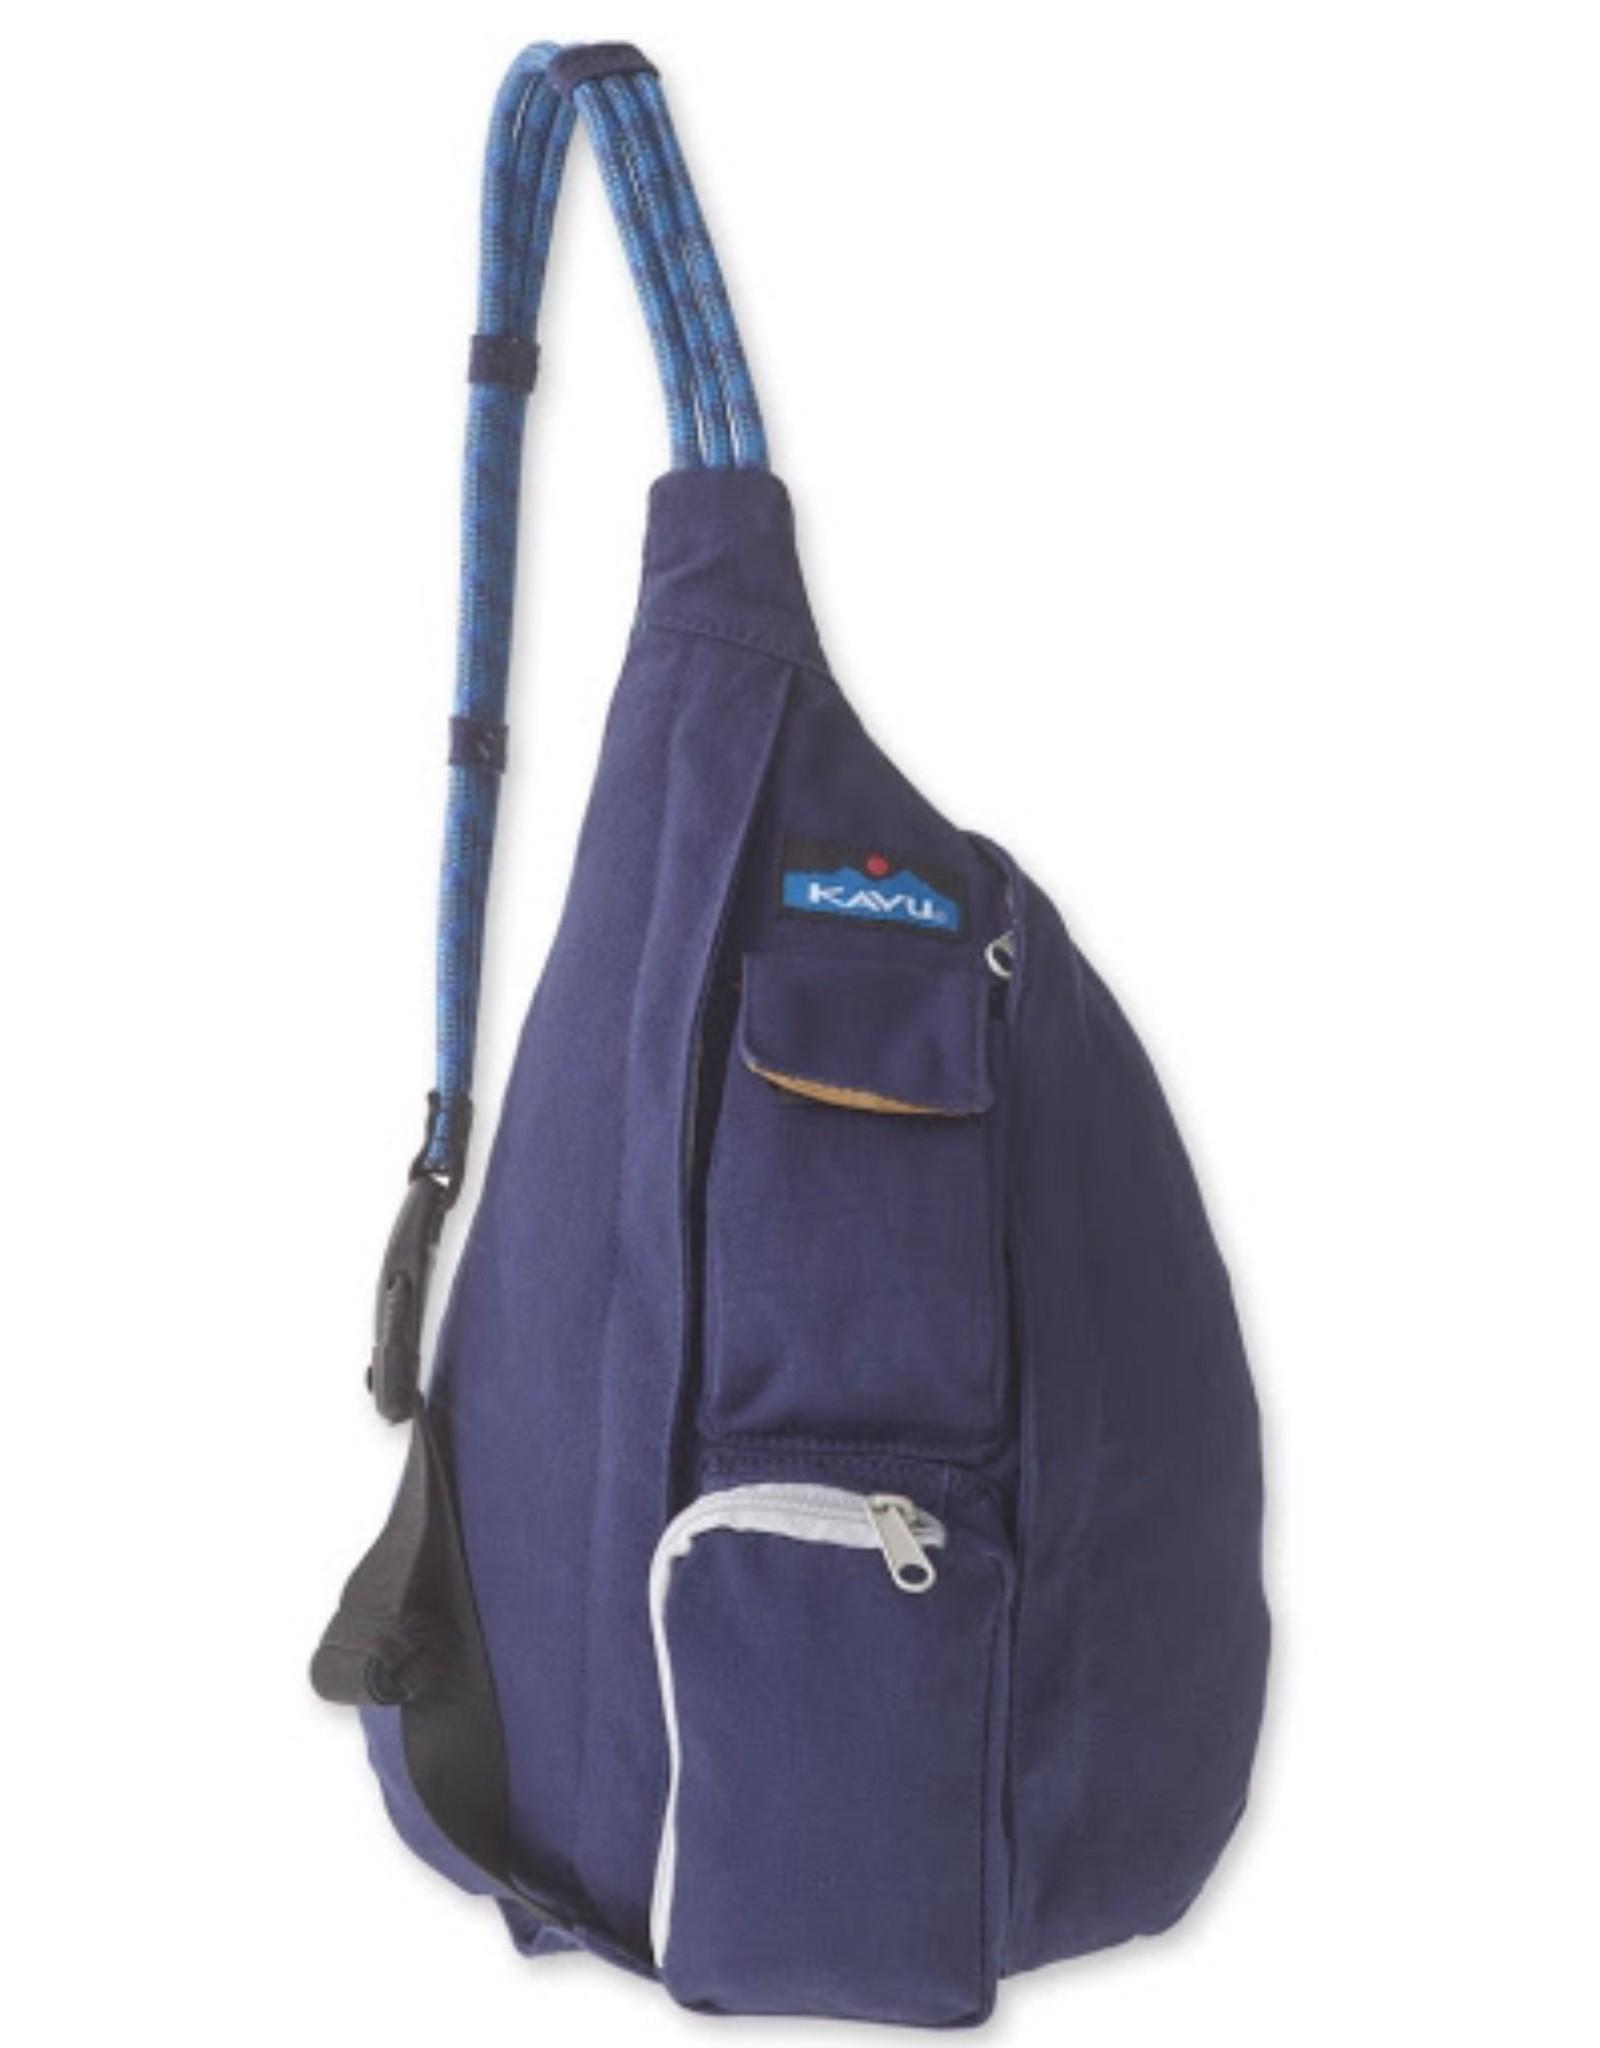 KAVU Rope Bag Navy